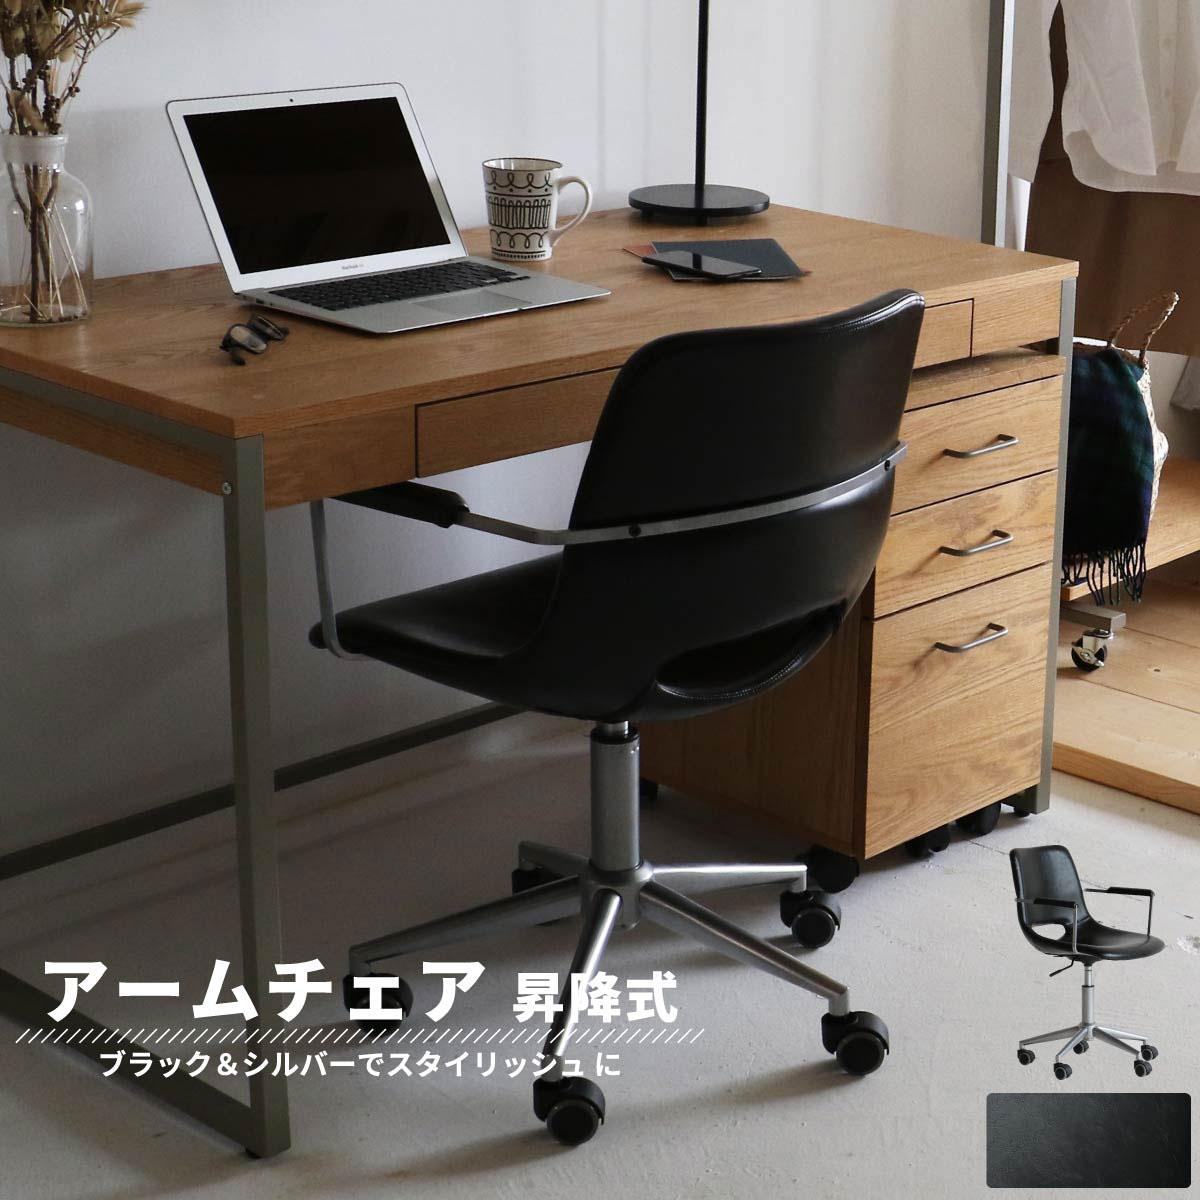 本日限定 イス 椅子 デスクチェア レザー ブラック 黒 キャスター付き シンプル クール オフィス おすすめ ドリップ オフィスアームチェア 高さ調整 おしゃれ 事務所 法人 お中元 Drip